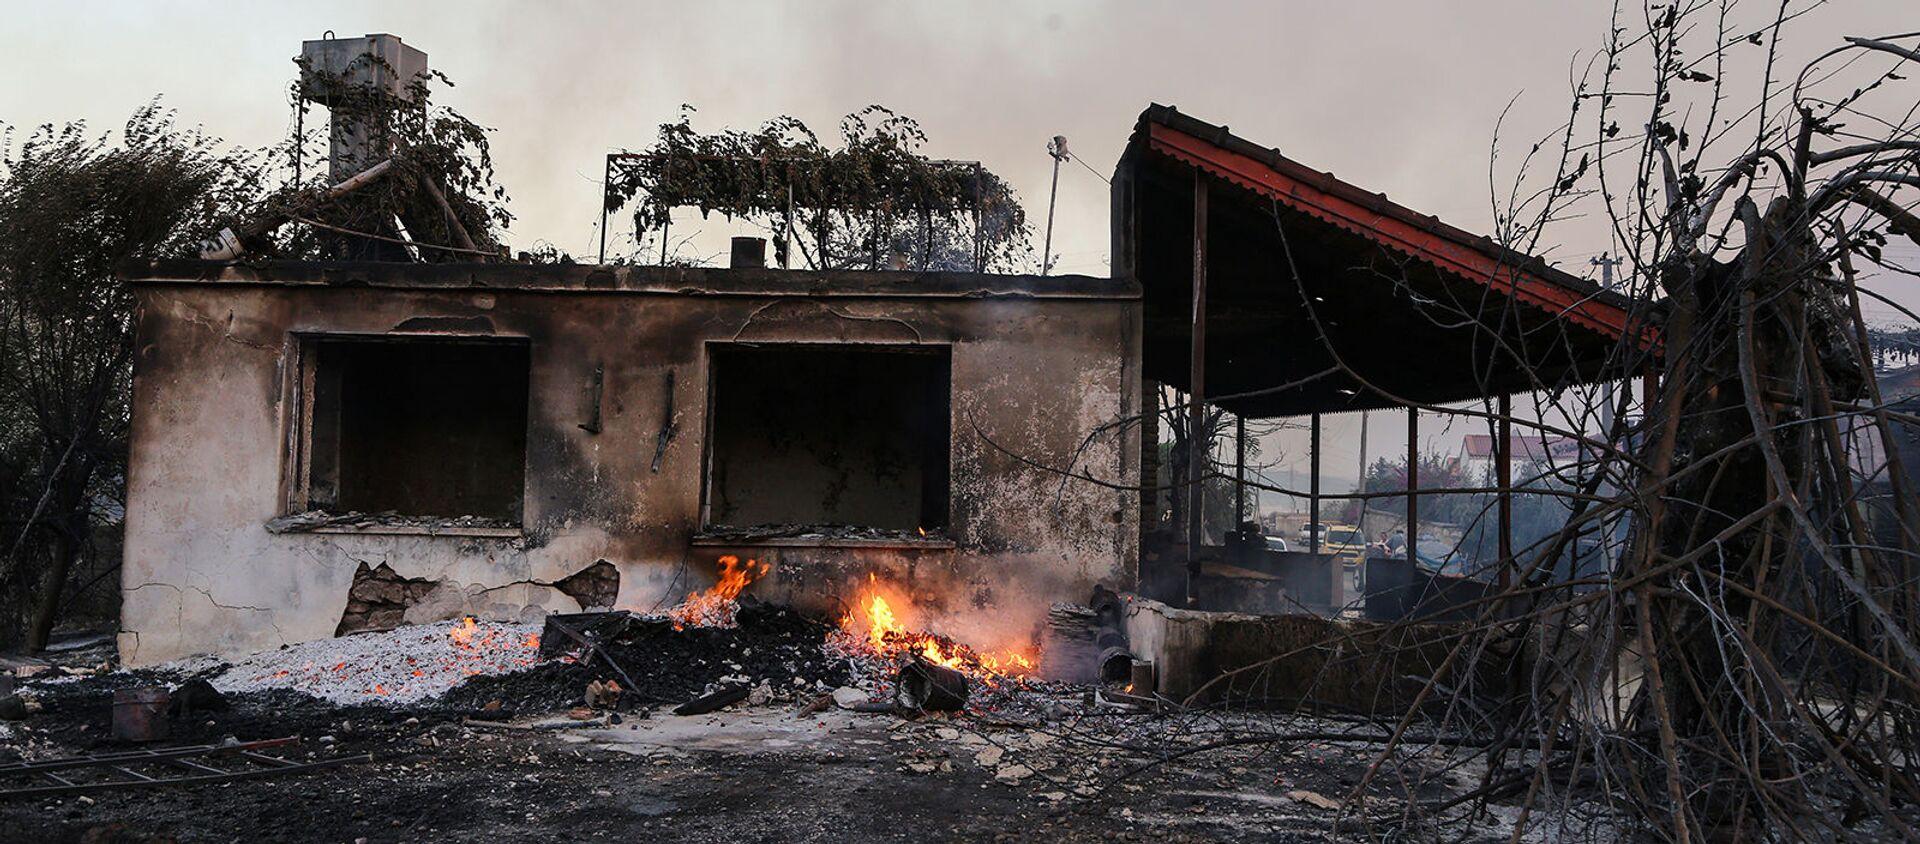 Сгоревший от лесных пожаров дом недалеко от горожа Манавгат (28 июля 2021). Турция - Sputnik Արմենիա, 1920, 10.08.2021